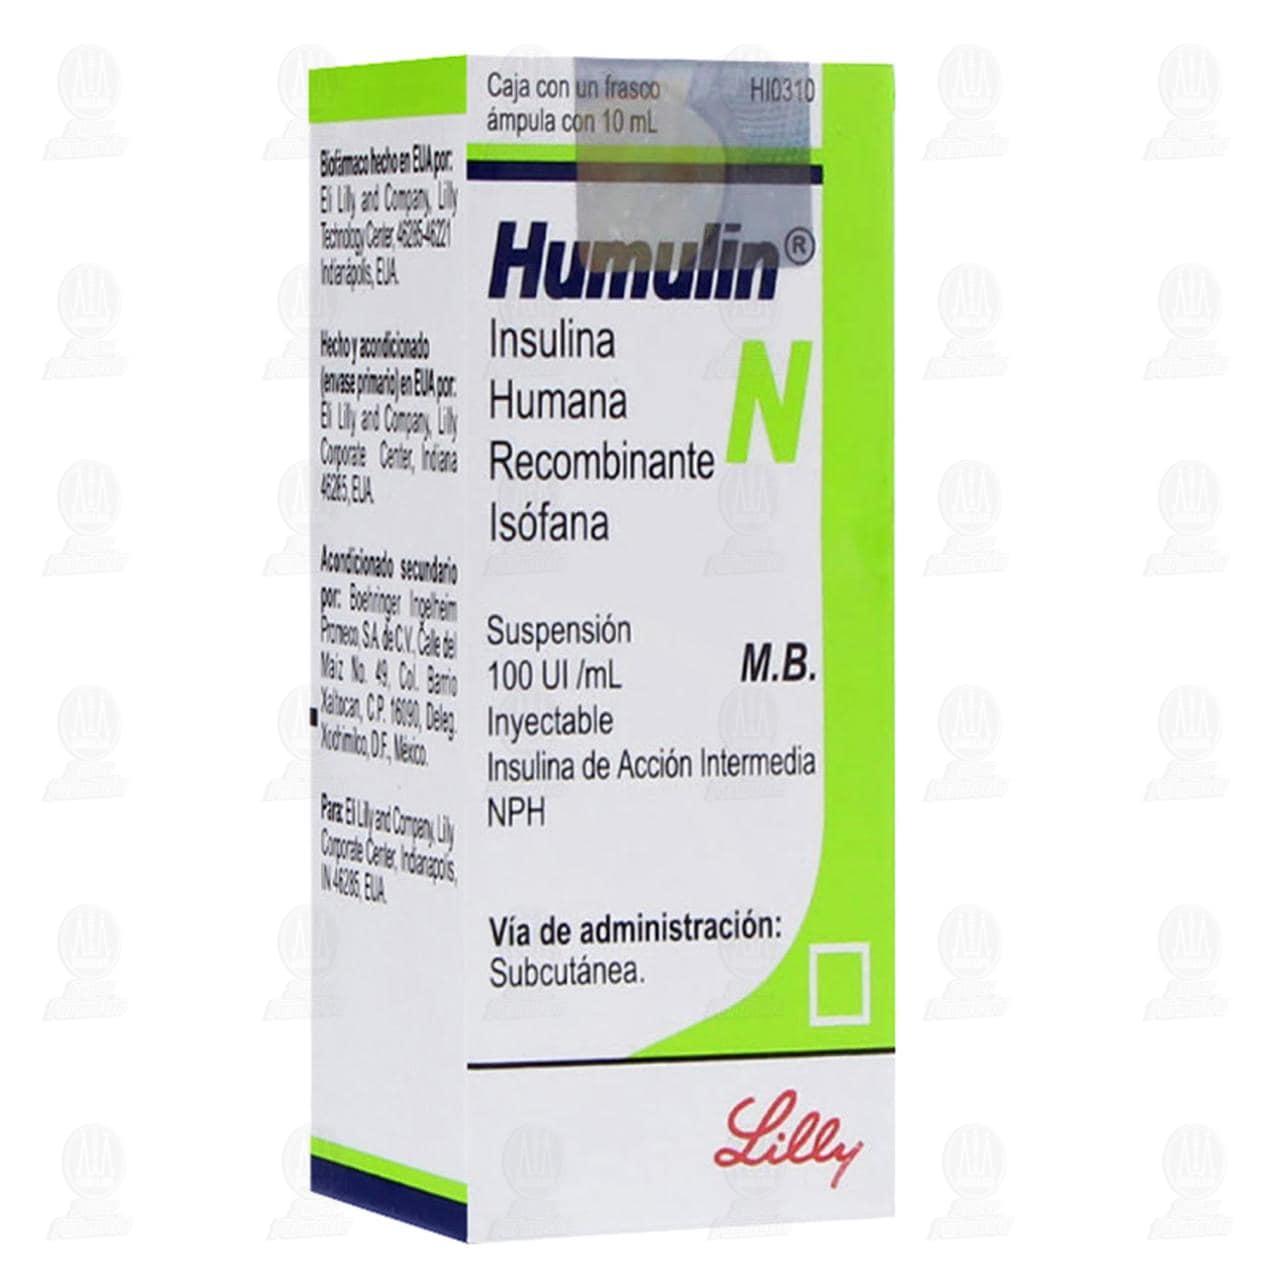 Comprar Humulin N Frasco Ámpula 10ml, Acción Intermedia NPH 100UI en Farmacias Guadalajara